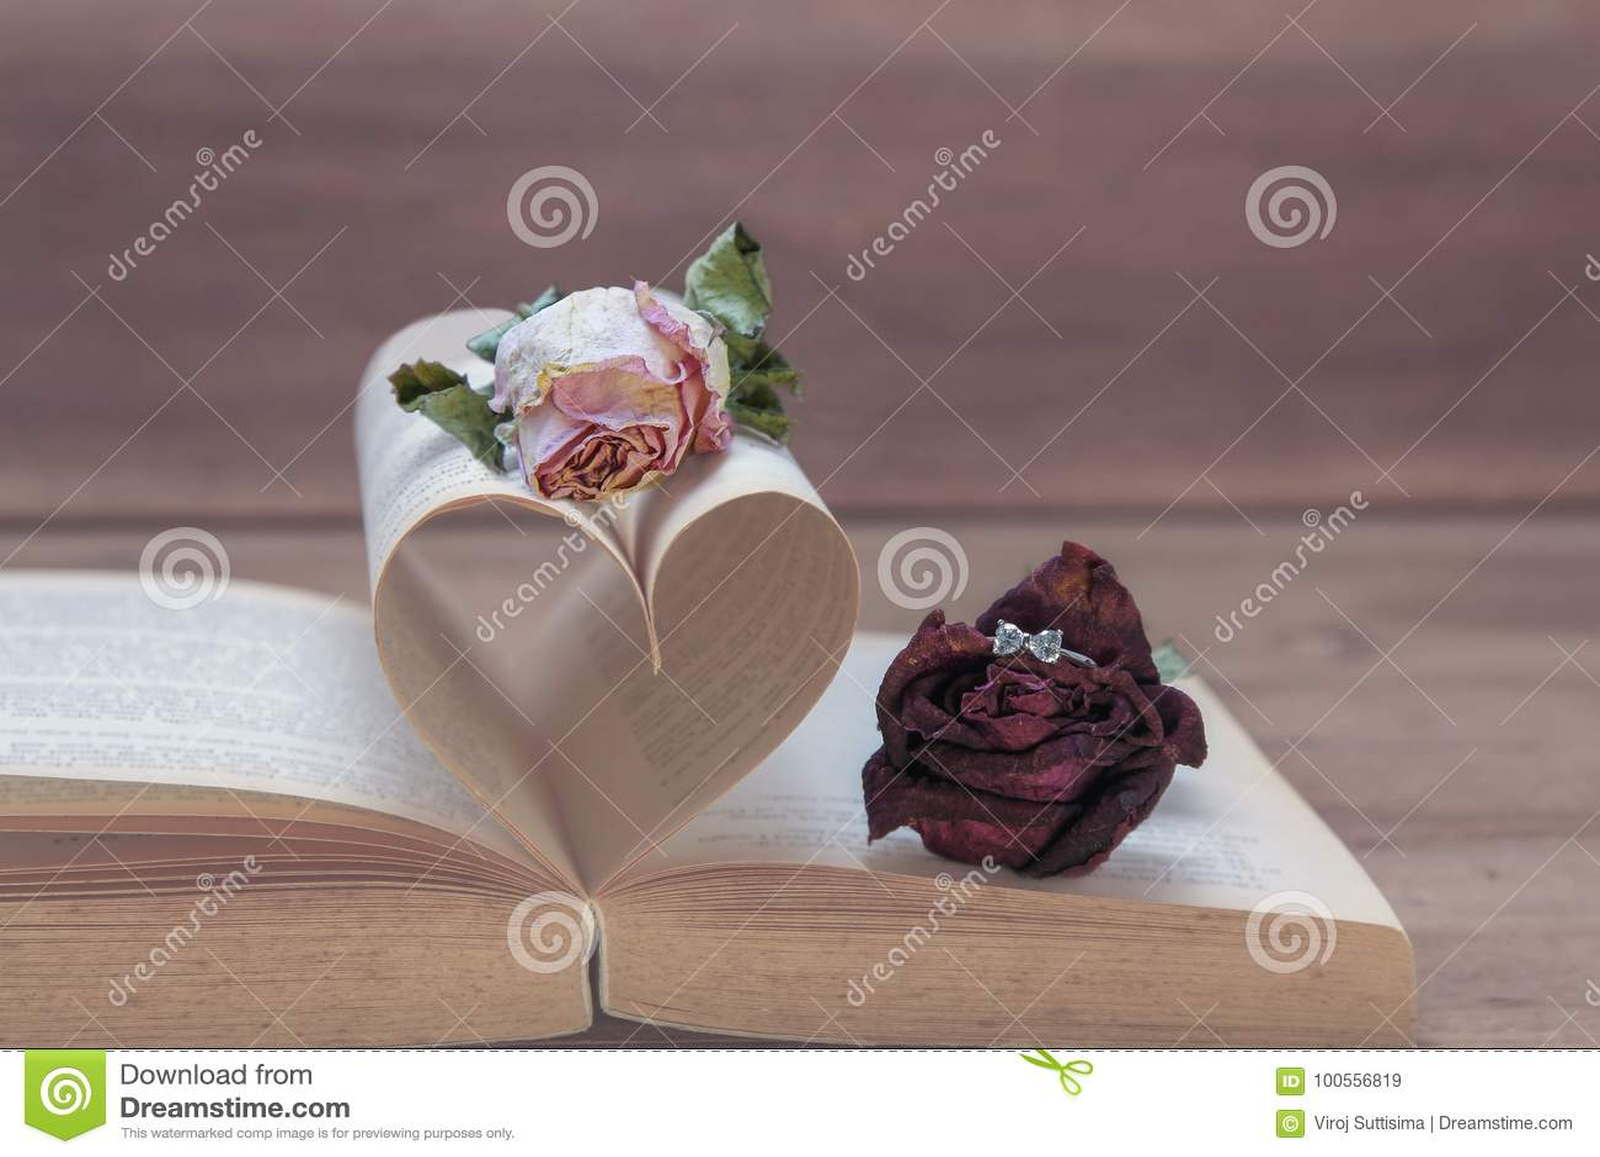 Предложение руки и сердца, концепция влюбленности с розовой и звенит, розовые тоны